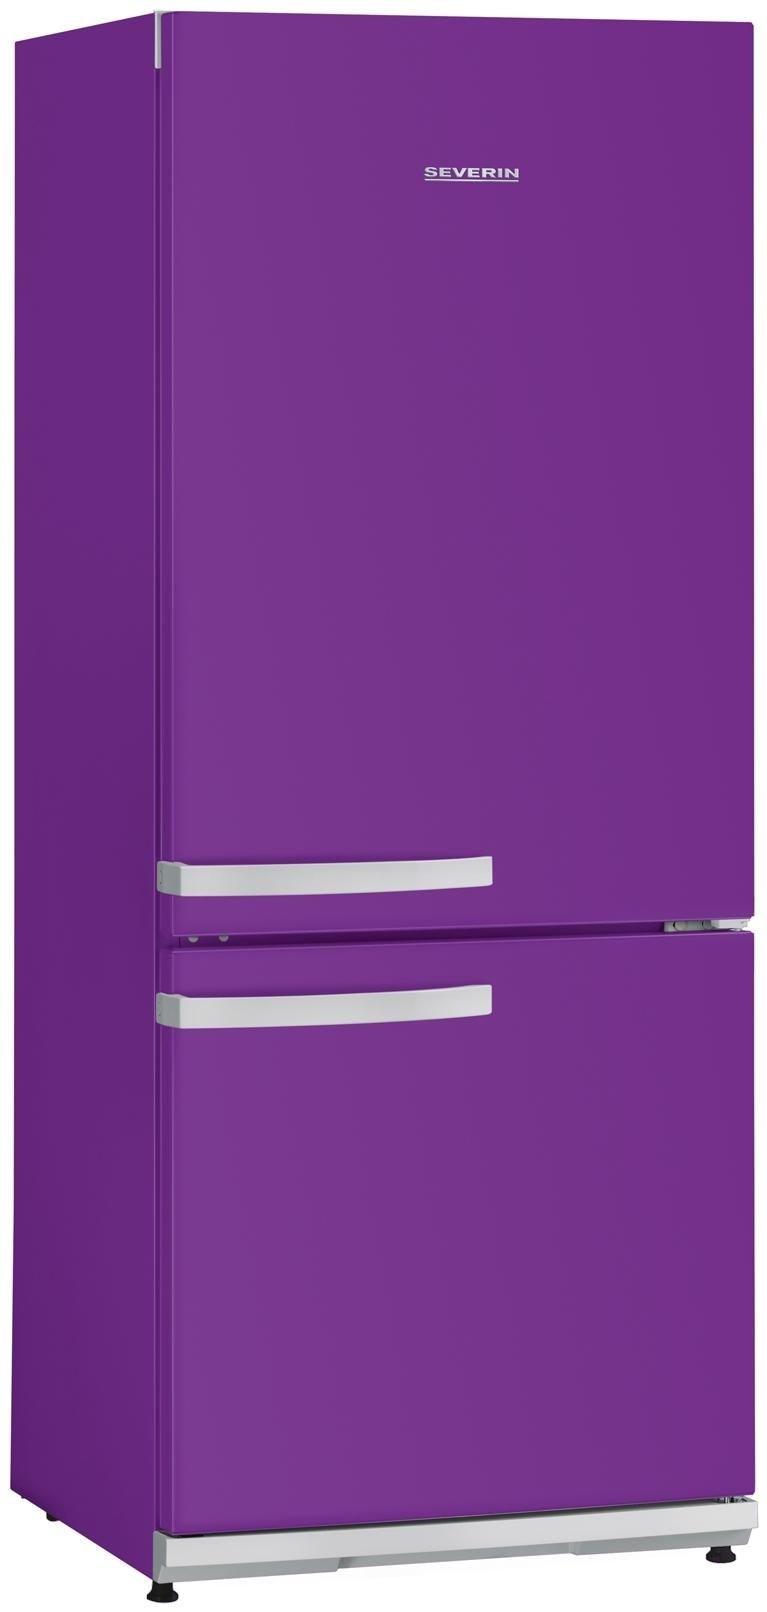 severin ks 9899 k hl gefrierkombination violett fridges. Black Bedroom Furniture Sets. Home Design Ideas